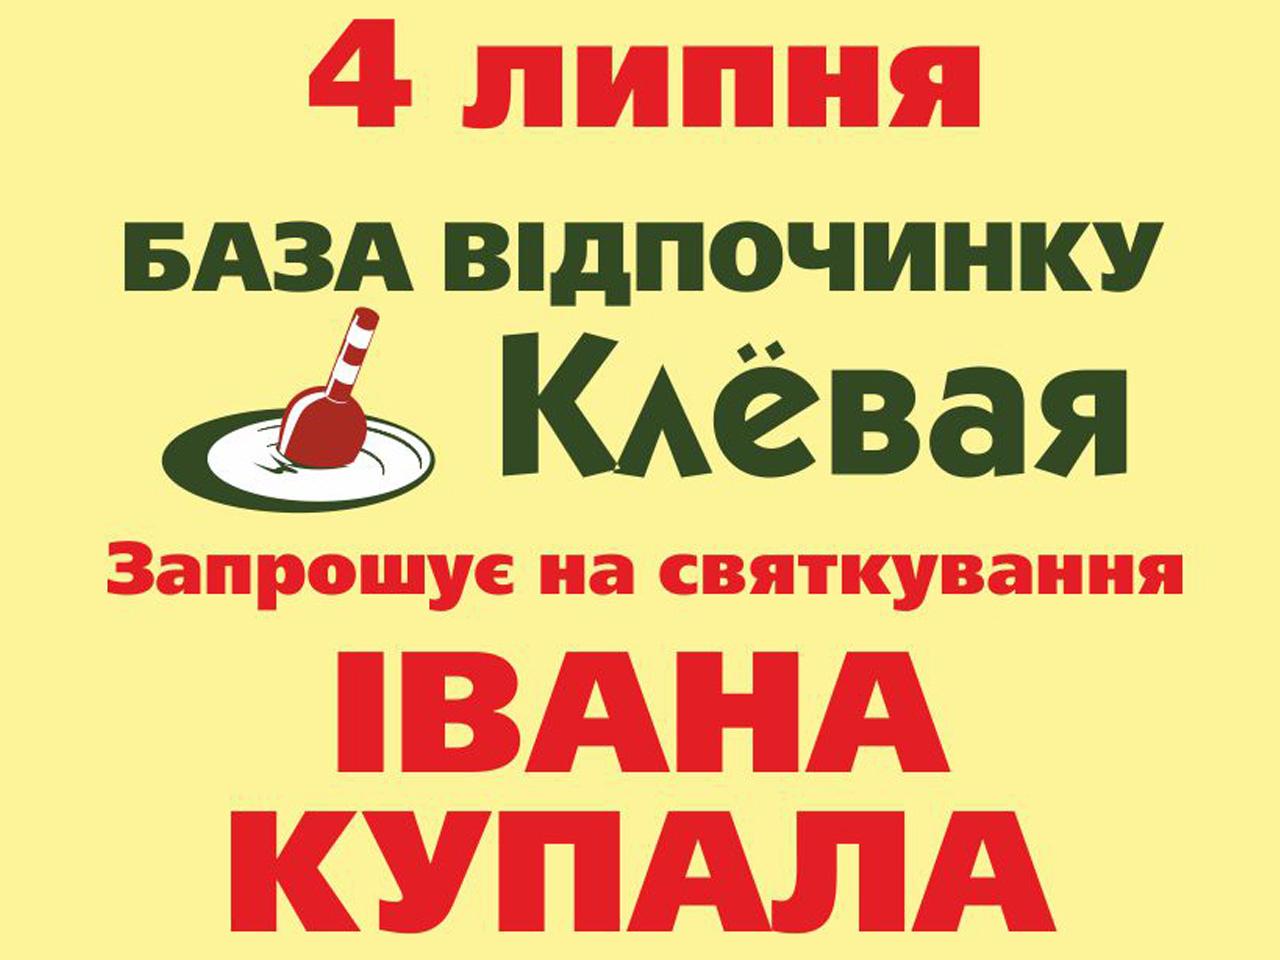 Приглашение на Ивана Купала 2015